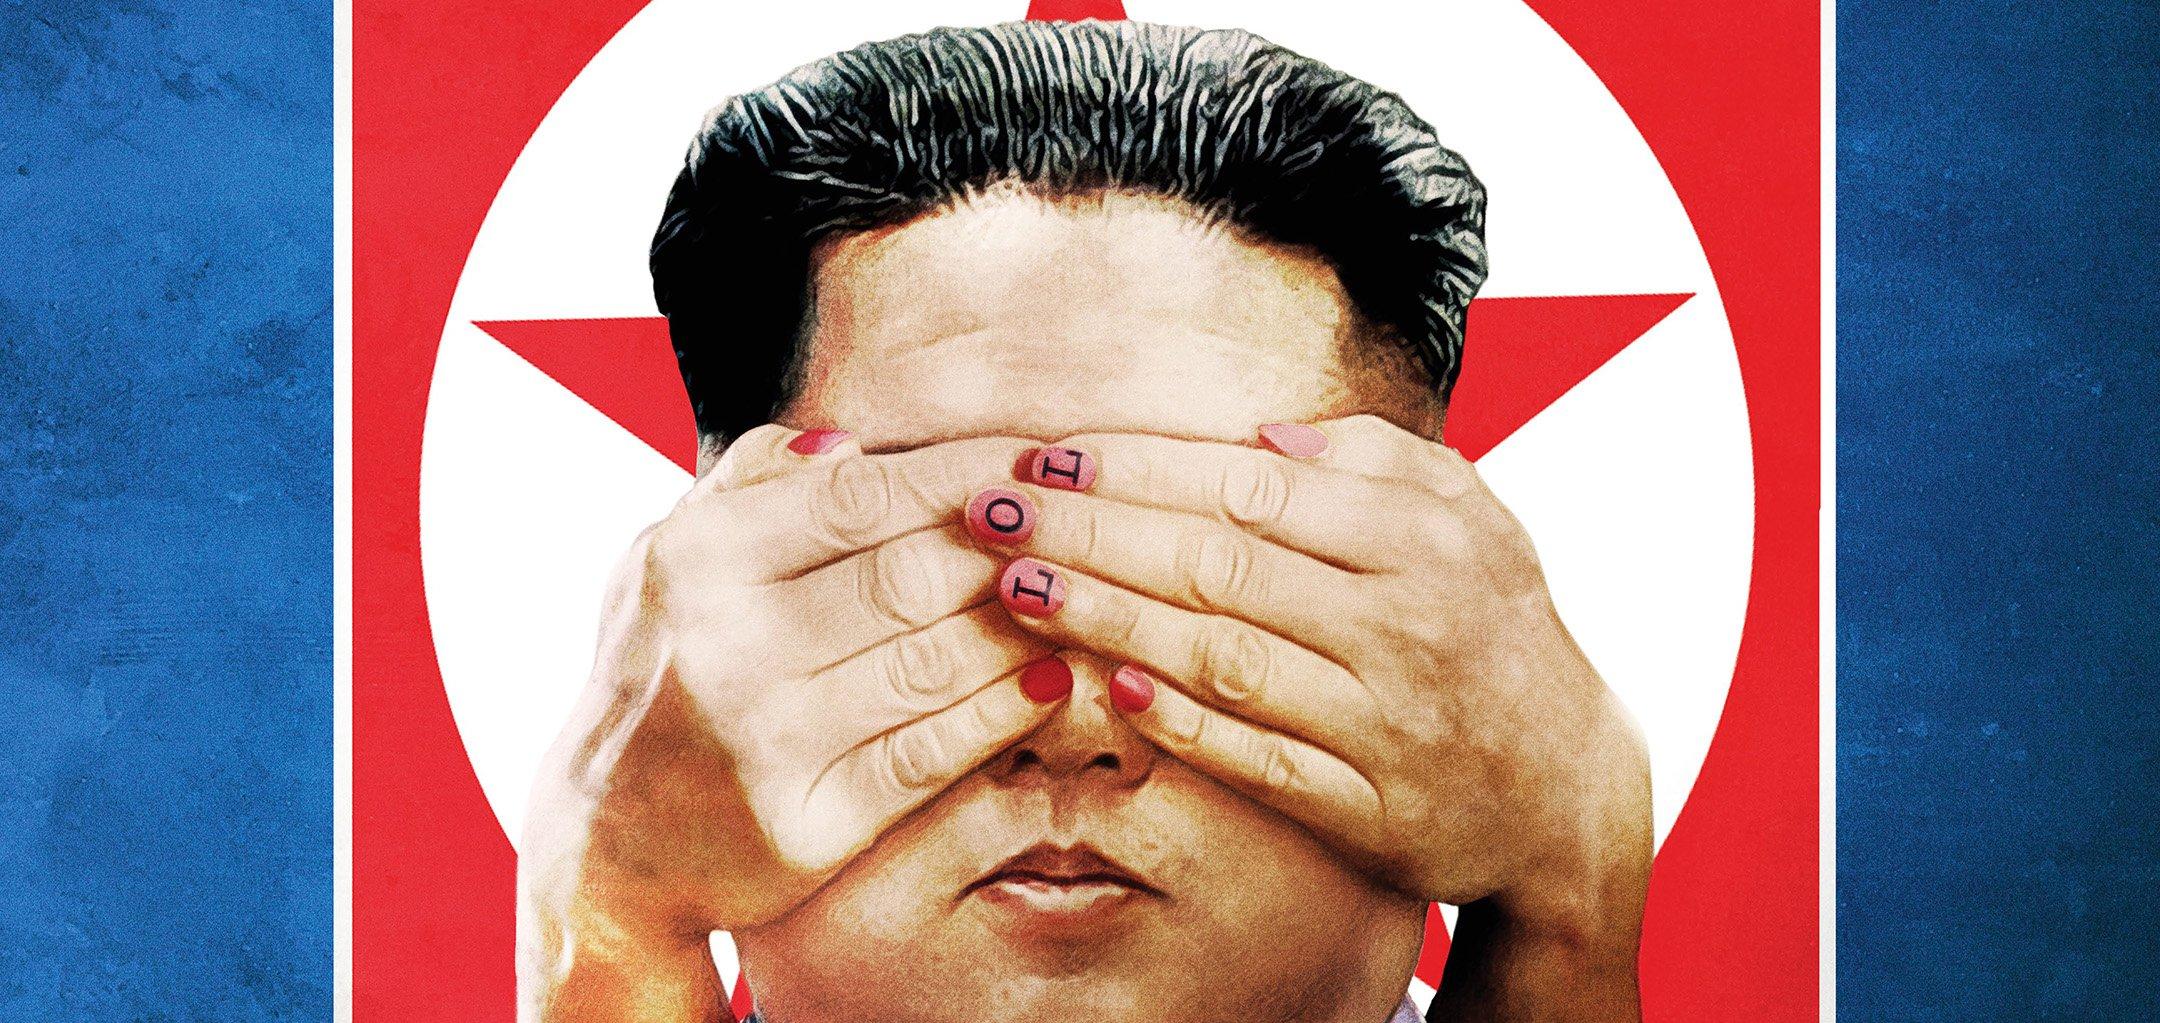 Poster art from Assassins - a pair hands covering Kim Jong Un's eyes